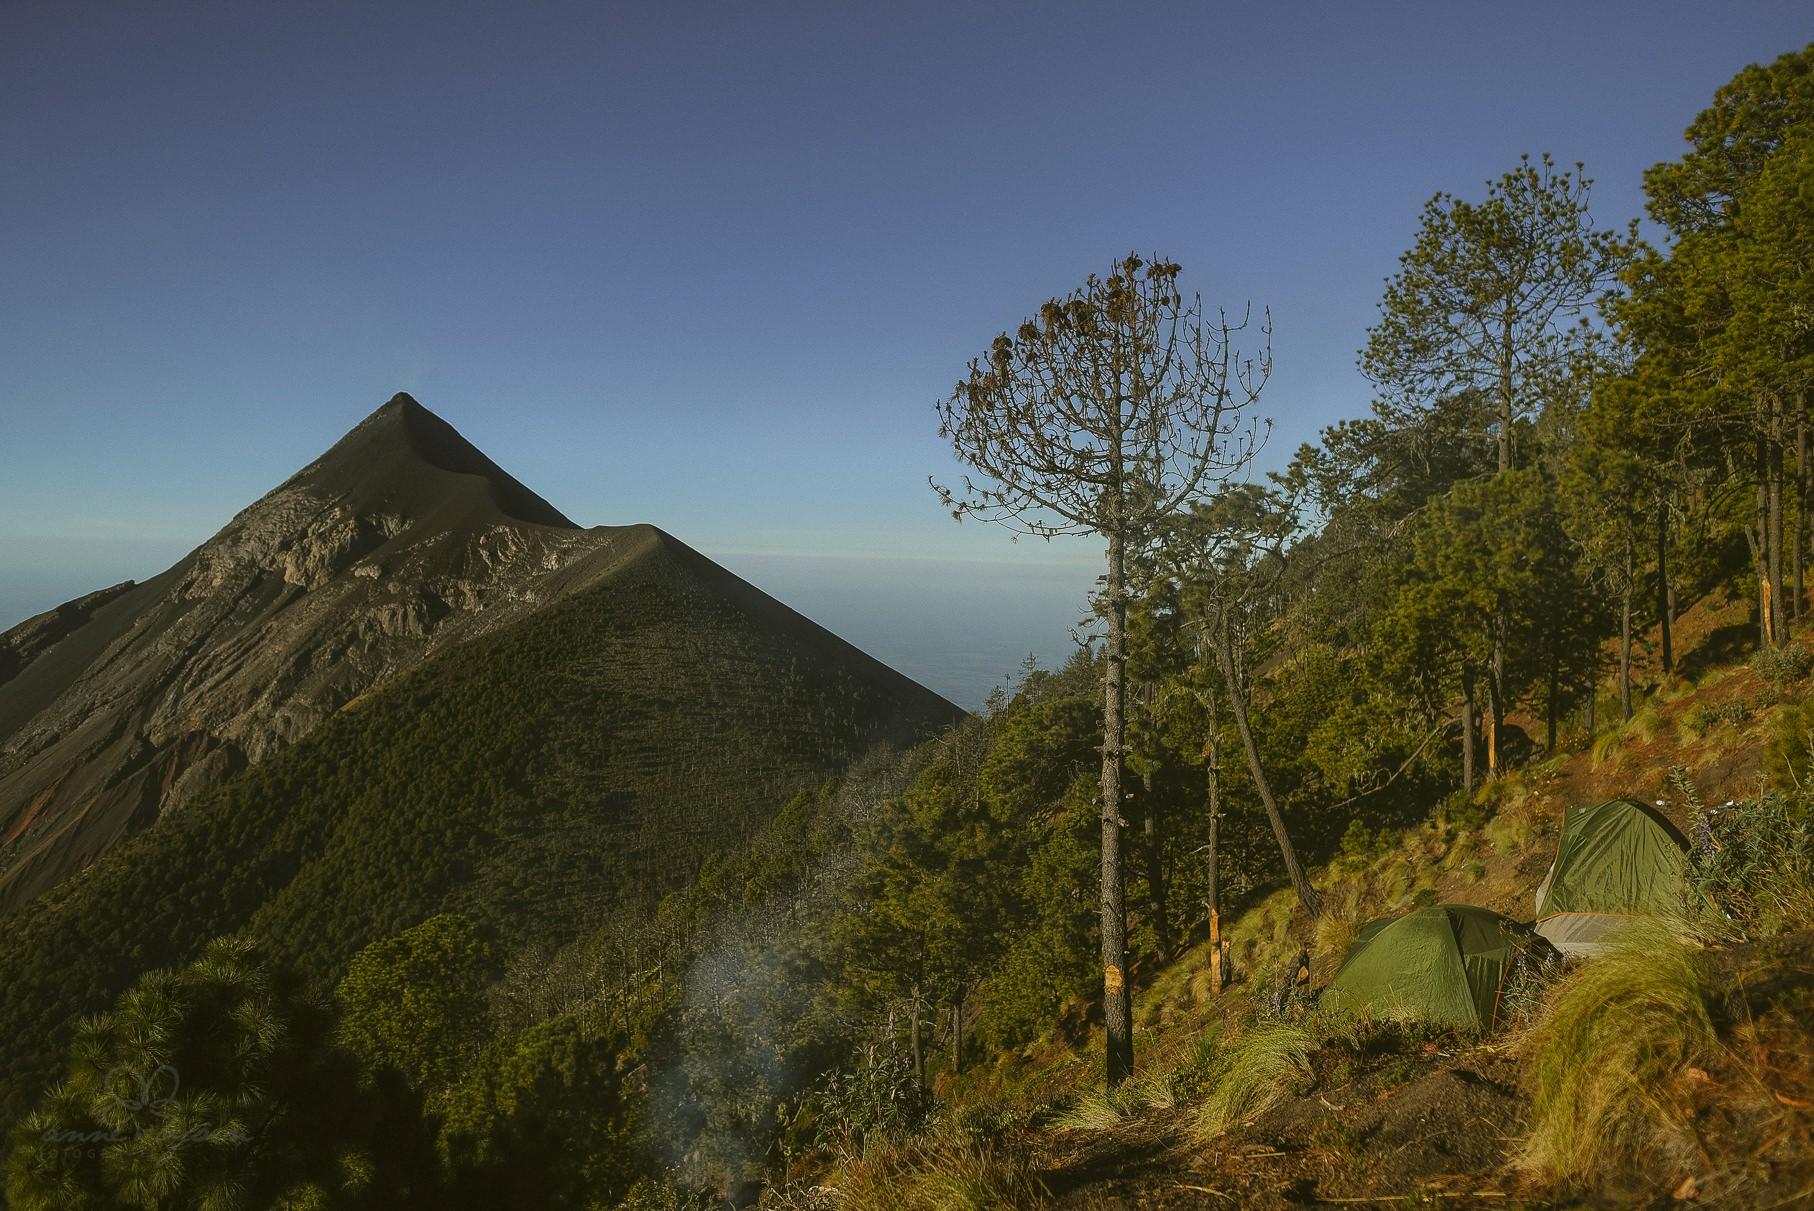 0115 anne und bjoern guatemala d75 2187 - 4 Wochen durch Guatemala - backpacking durch Mittelamerika